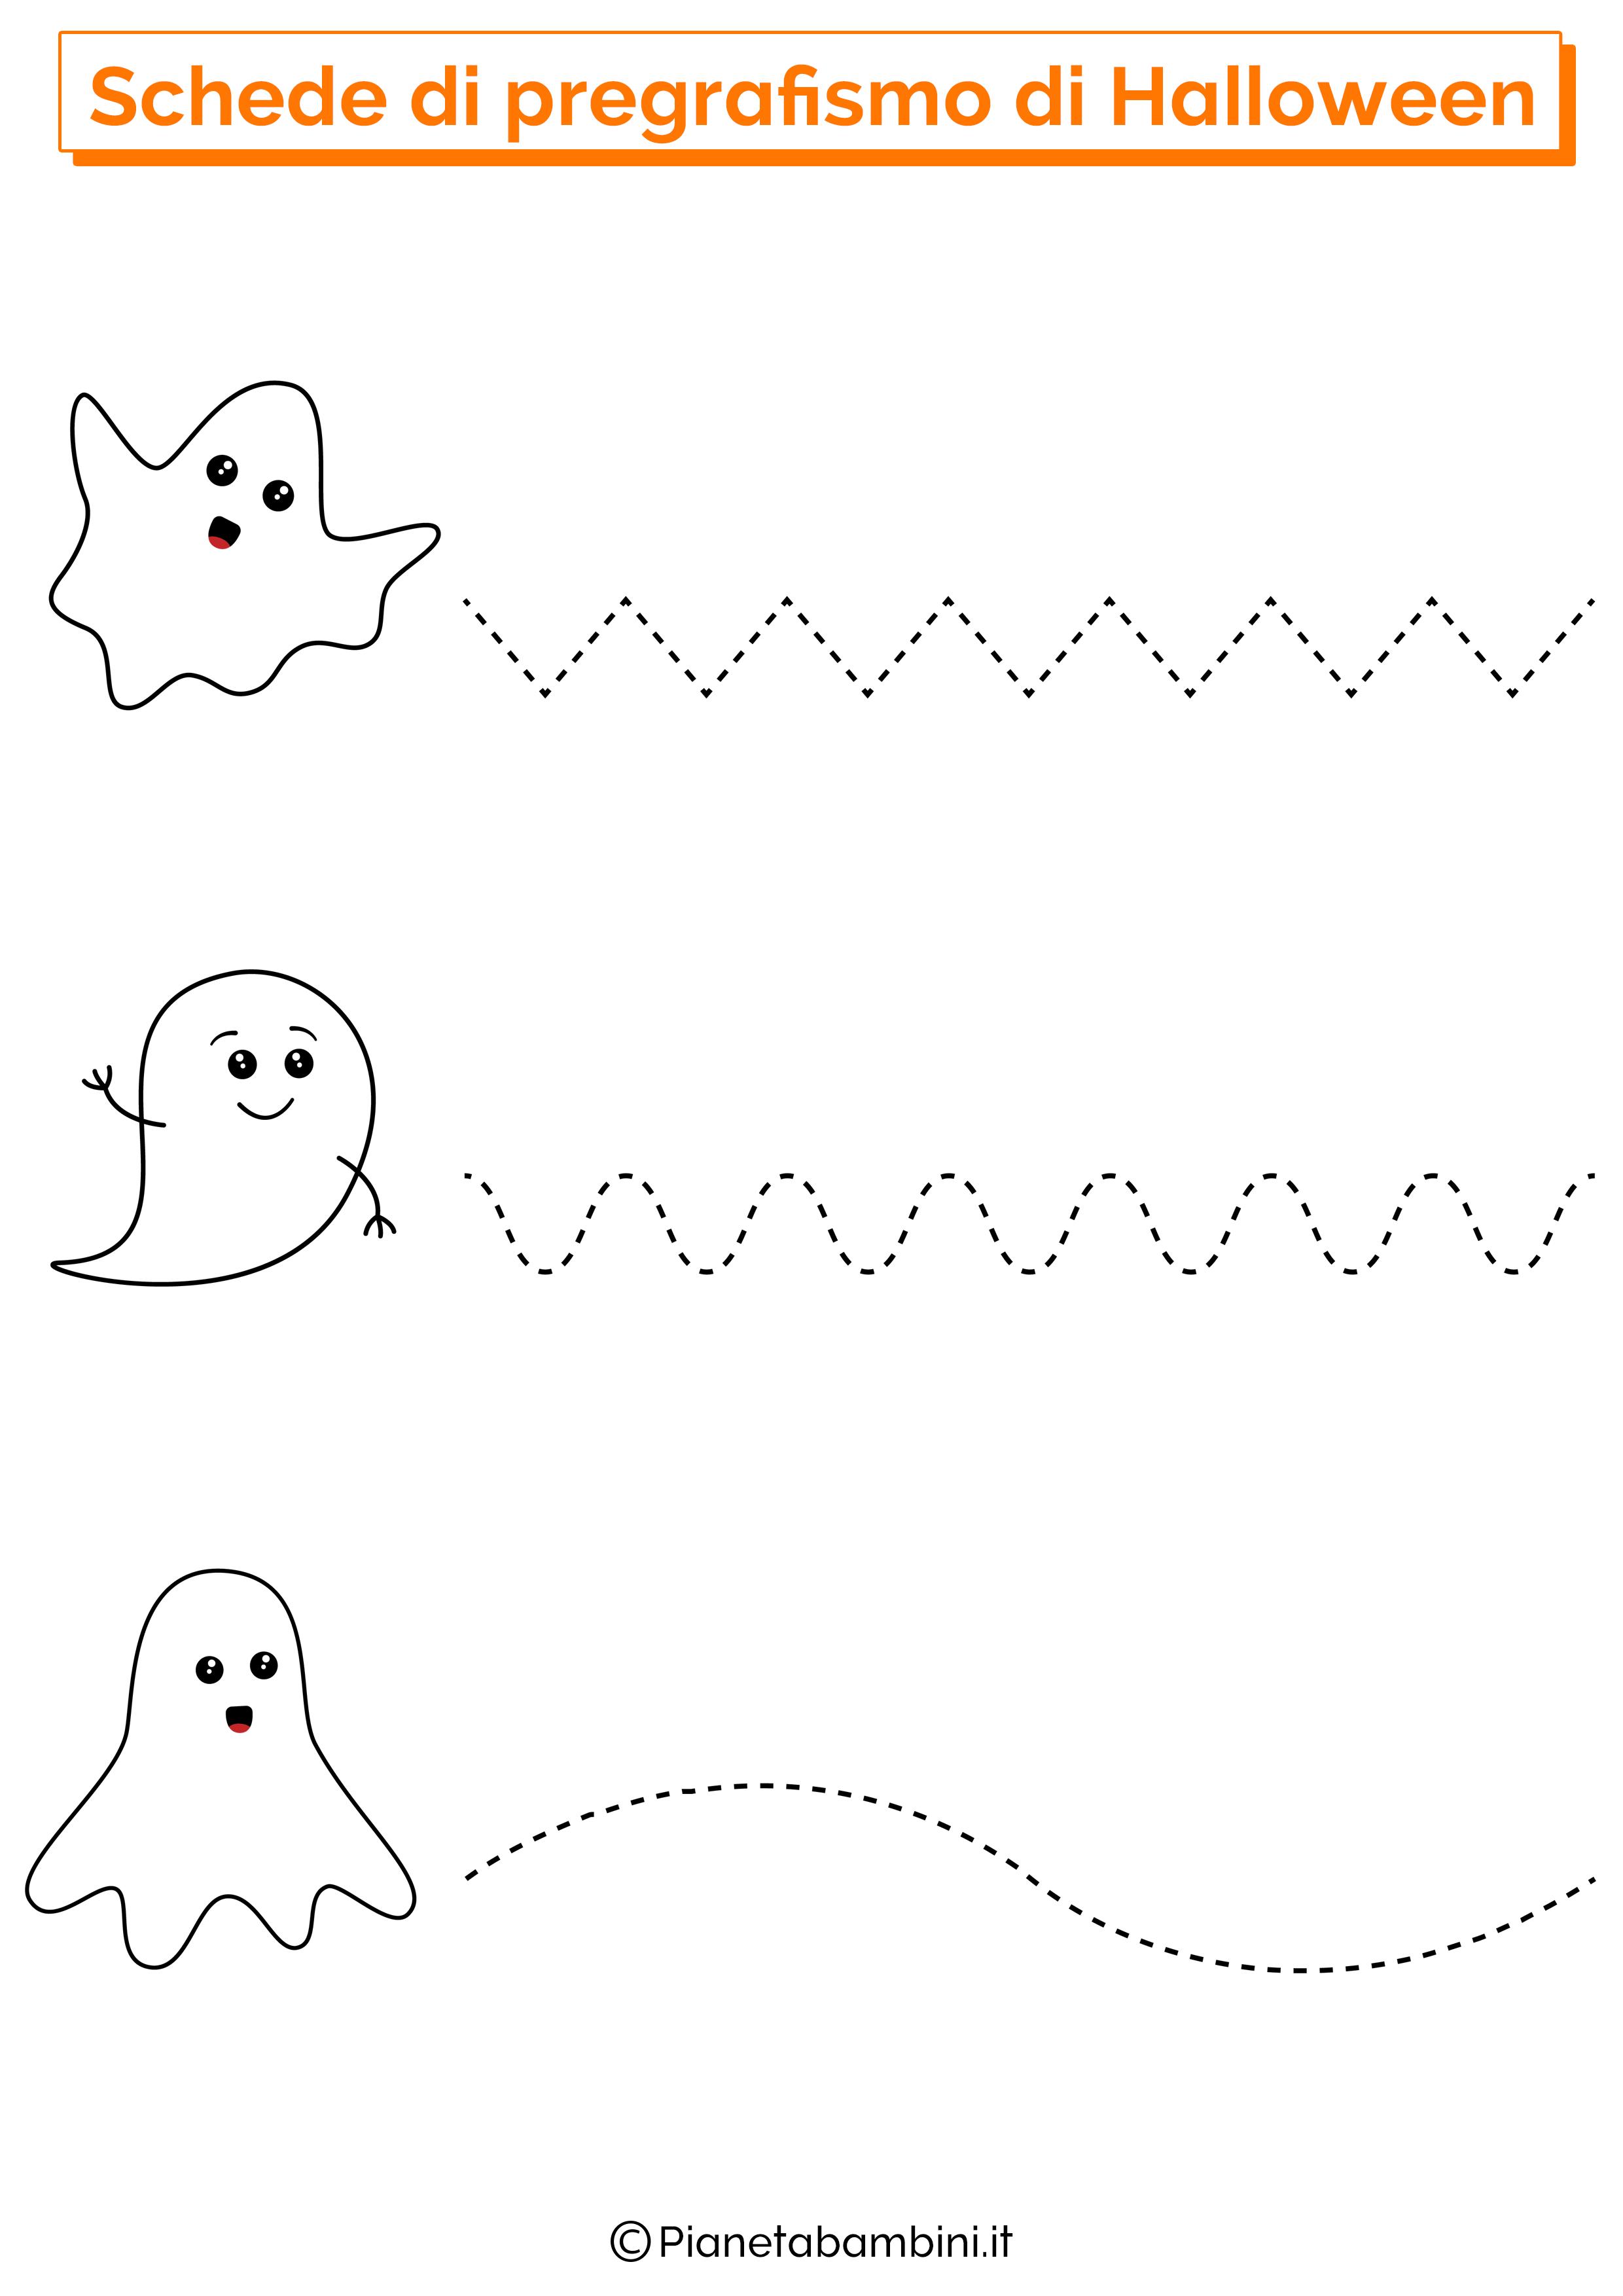 Scheda Pregrafismo Linee Halloween 1